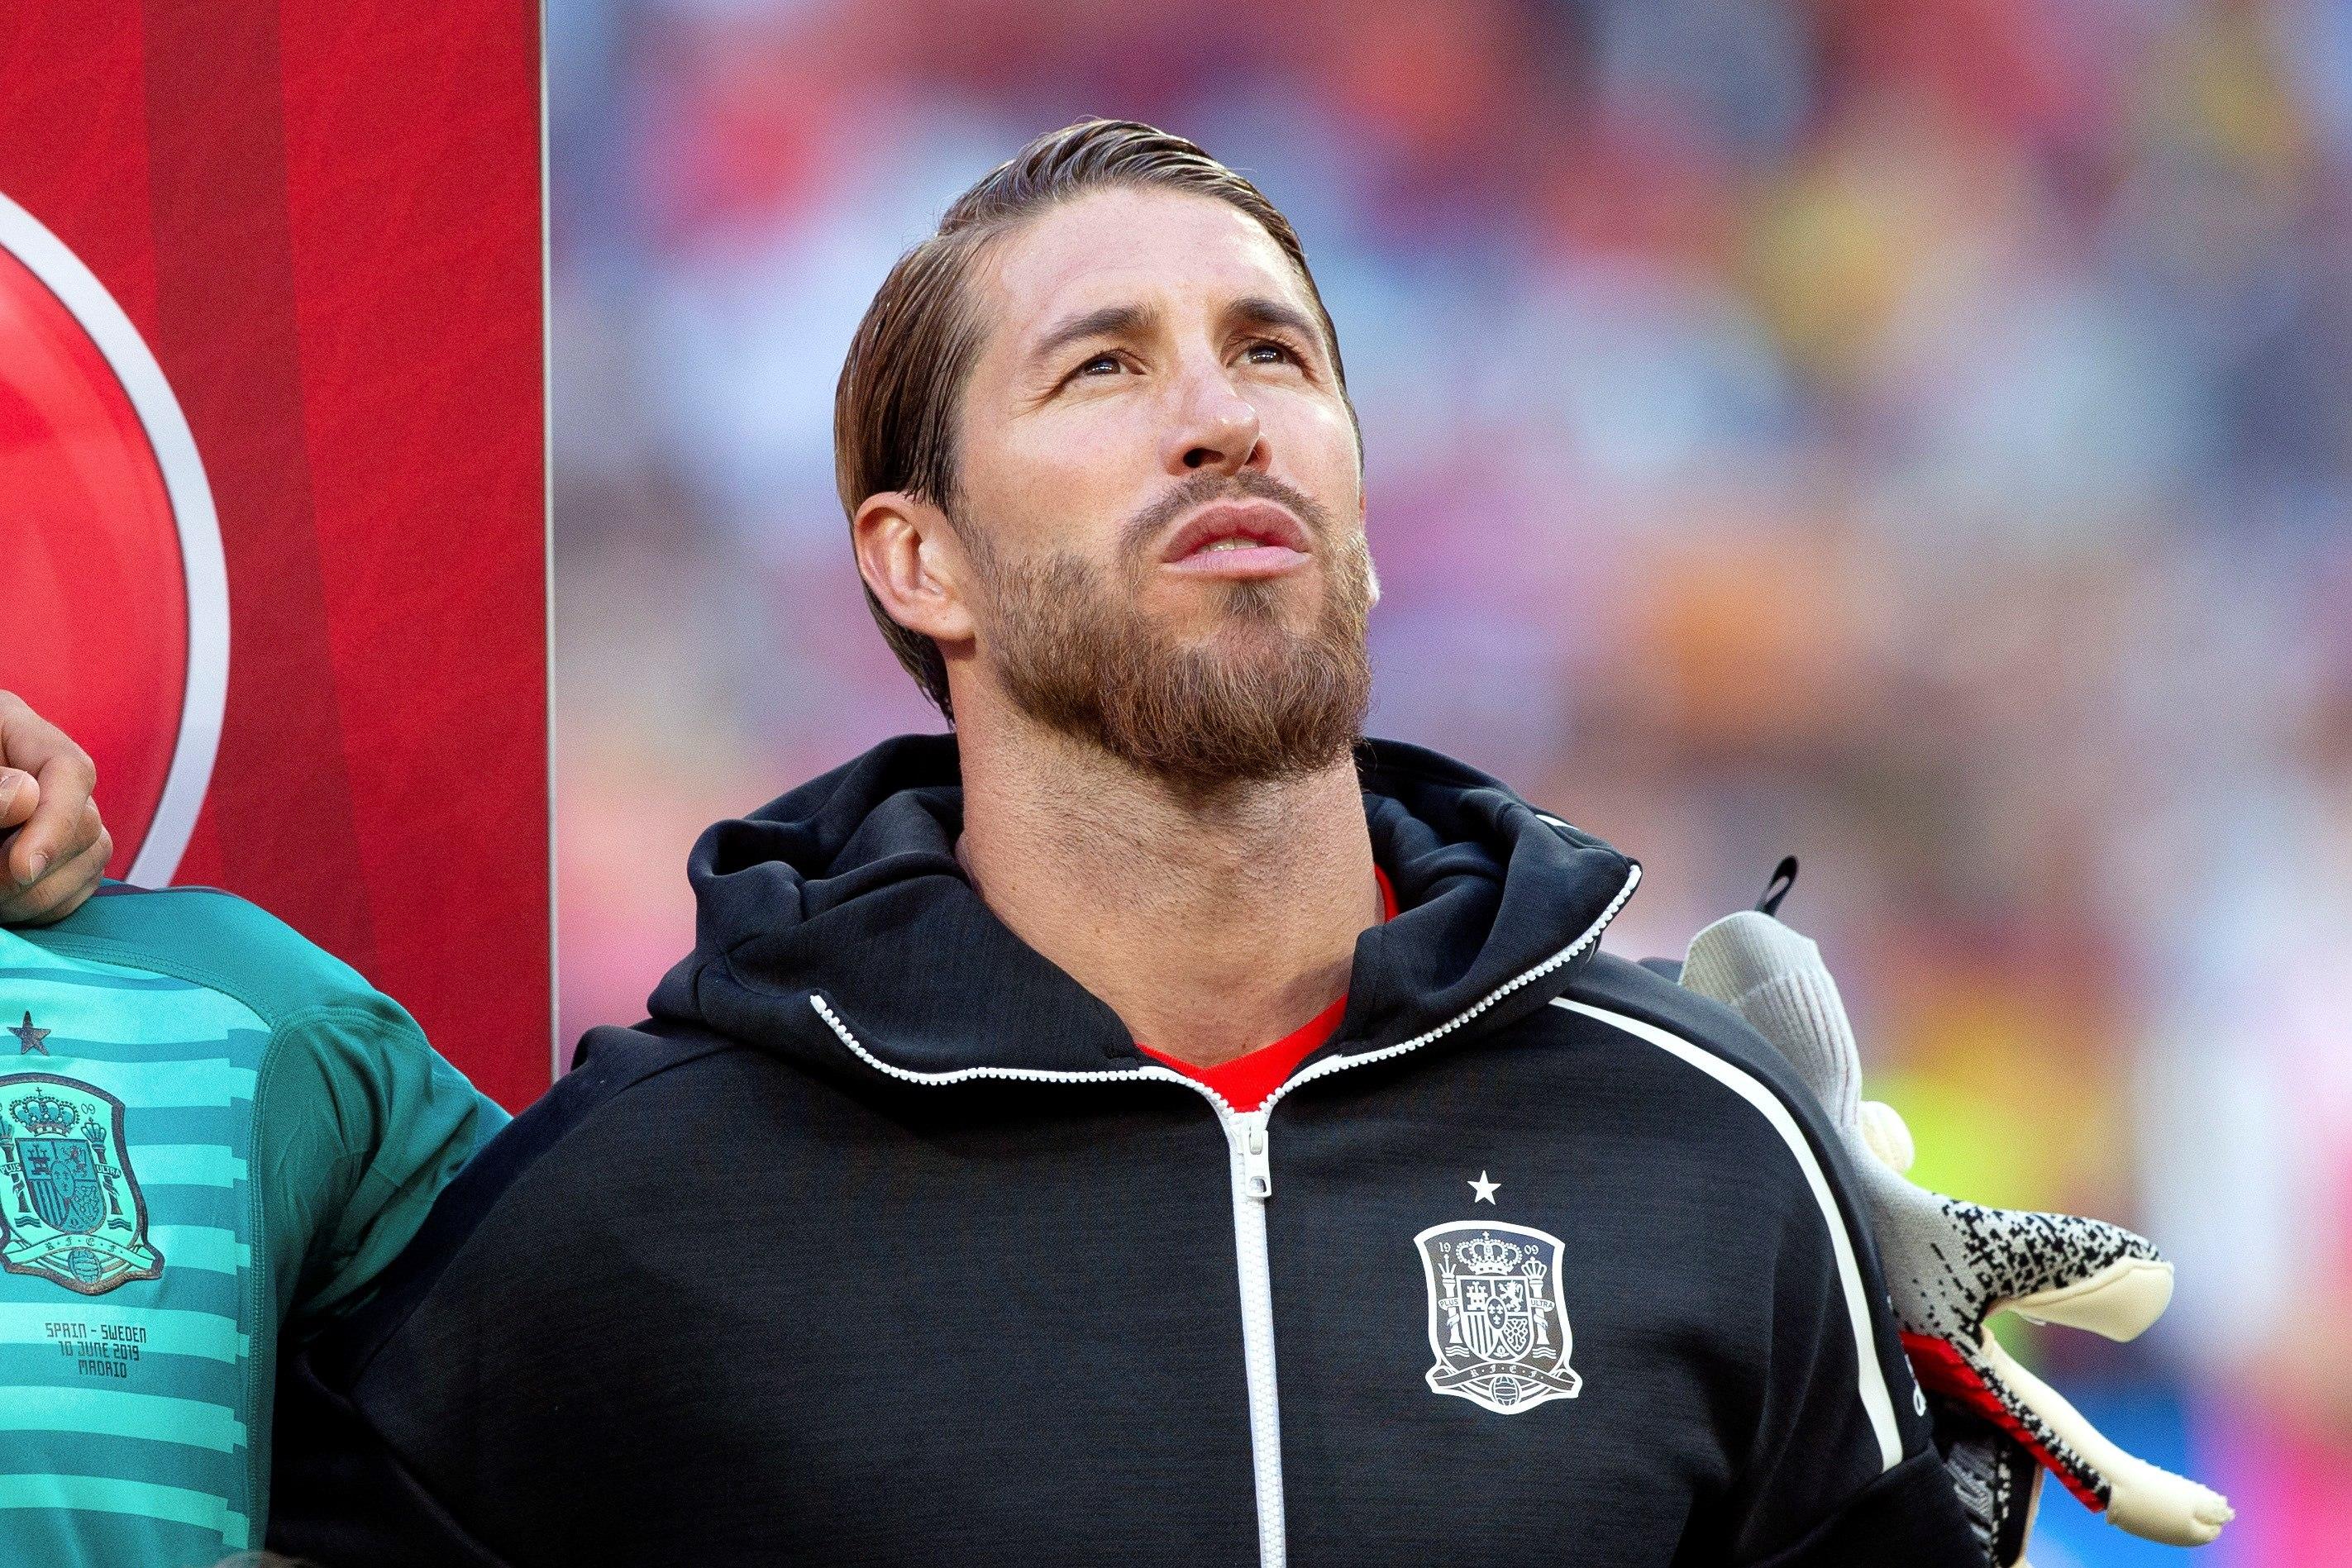 Su excompañero Sergio Ramos junto al equipo español le riende homenaje a Reyes luego de fallecer en un accidente de transito.